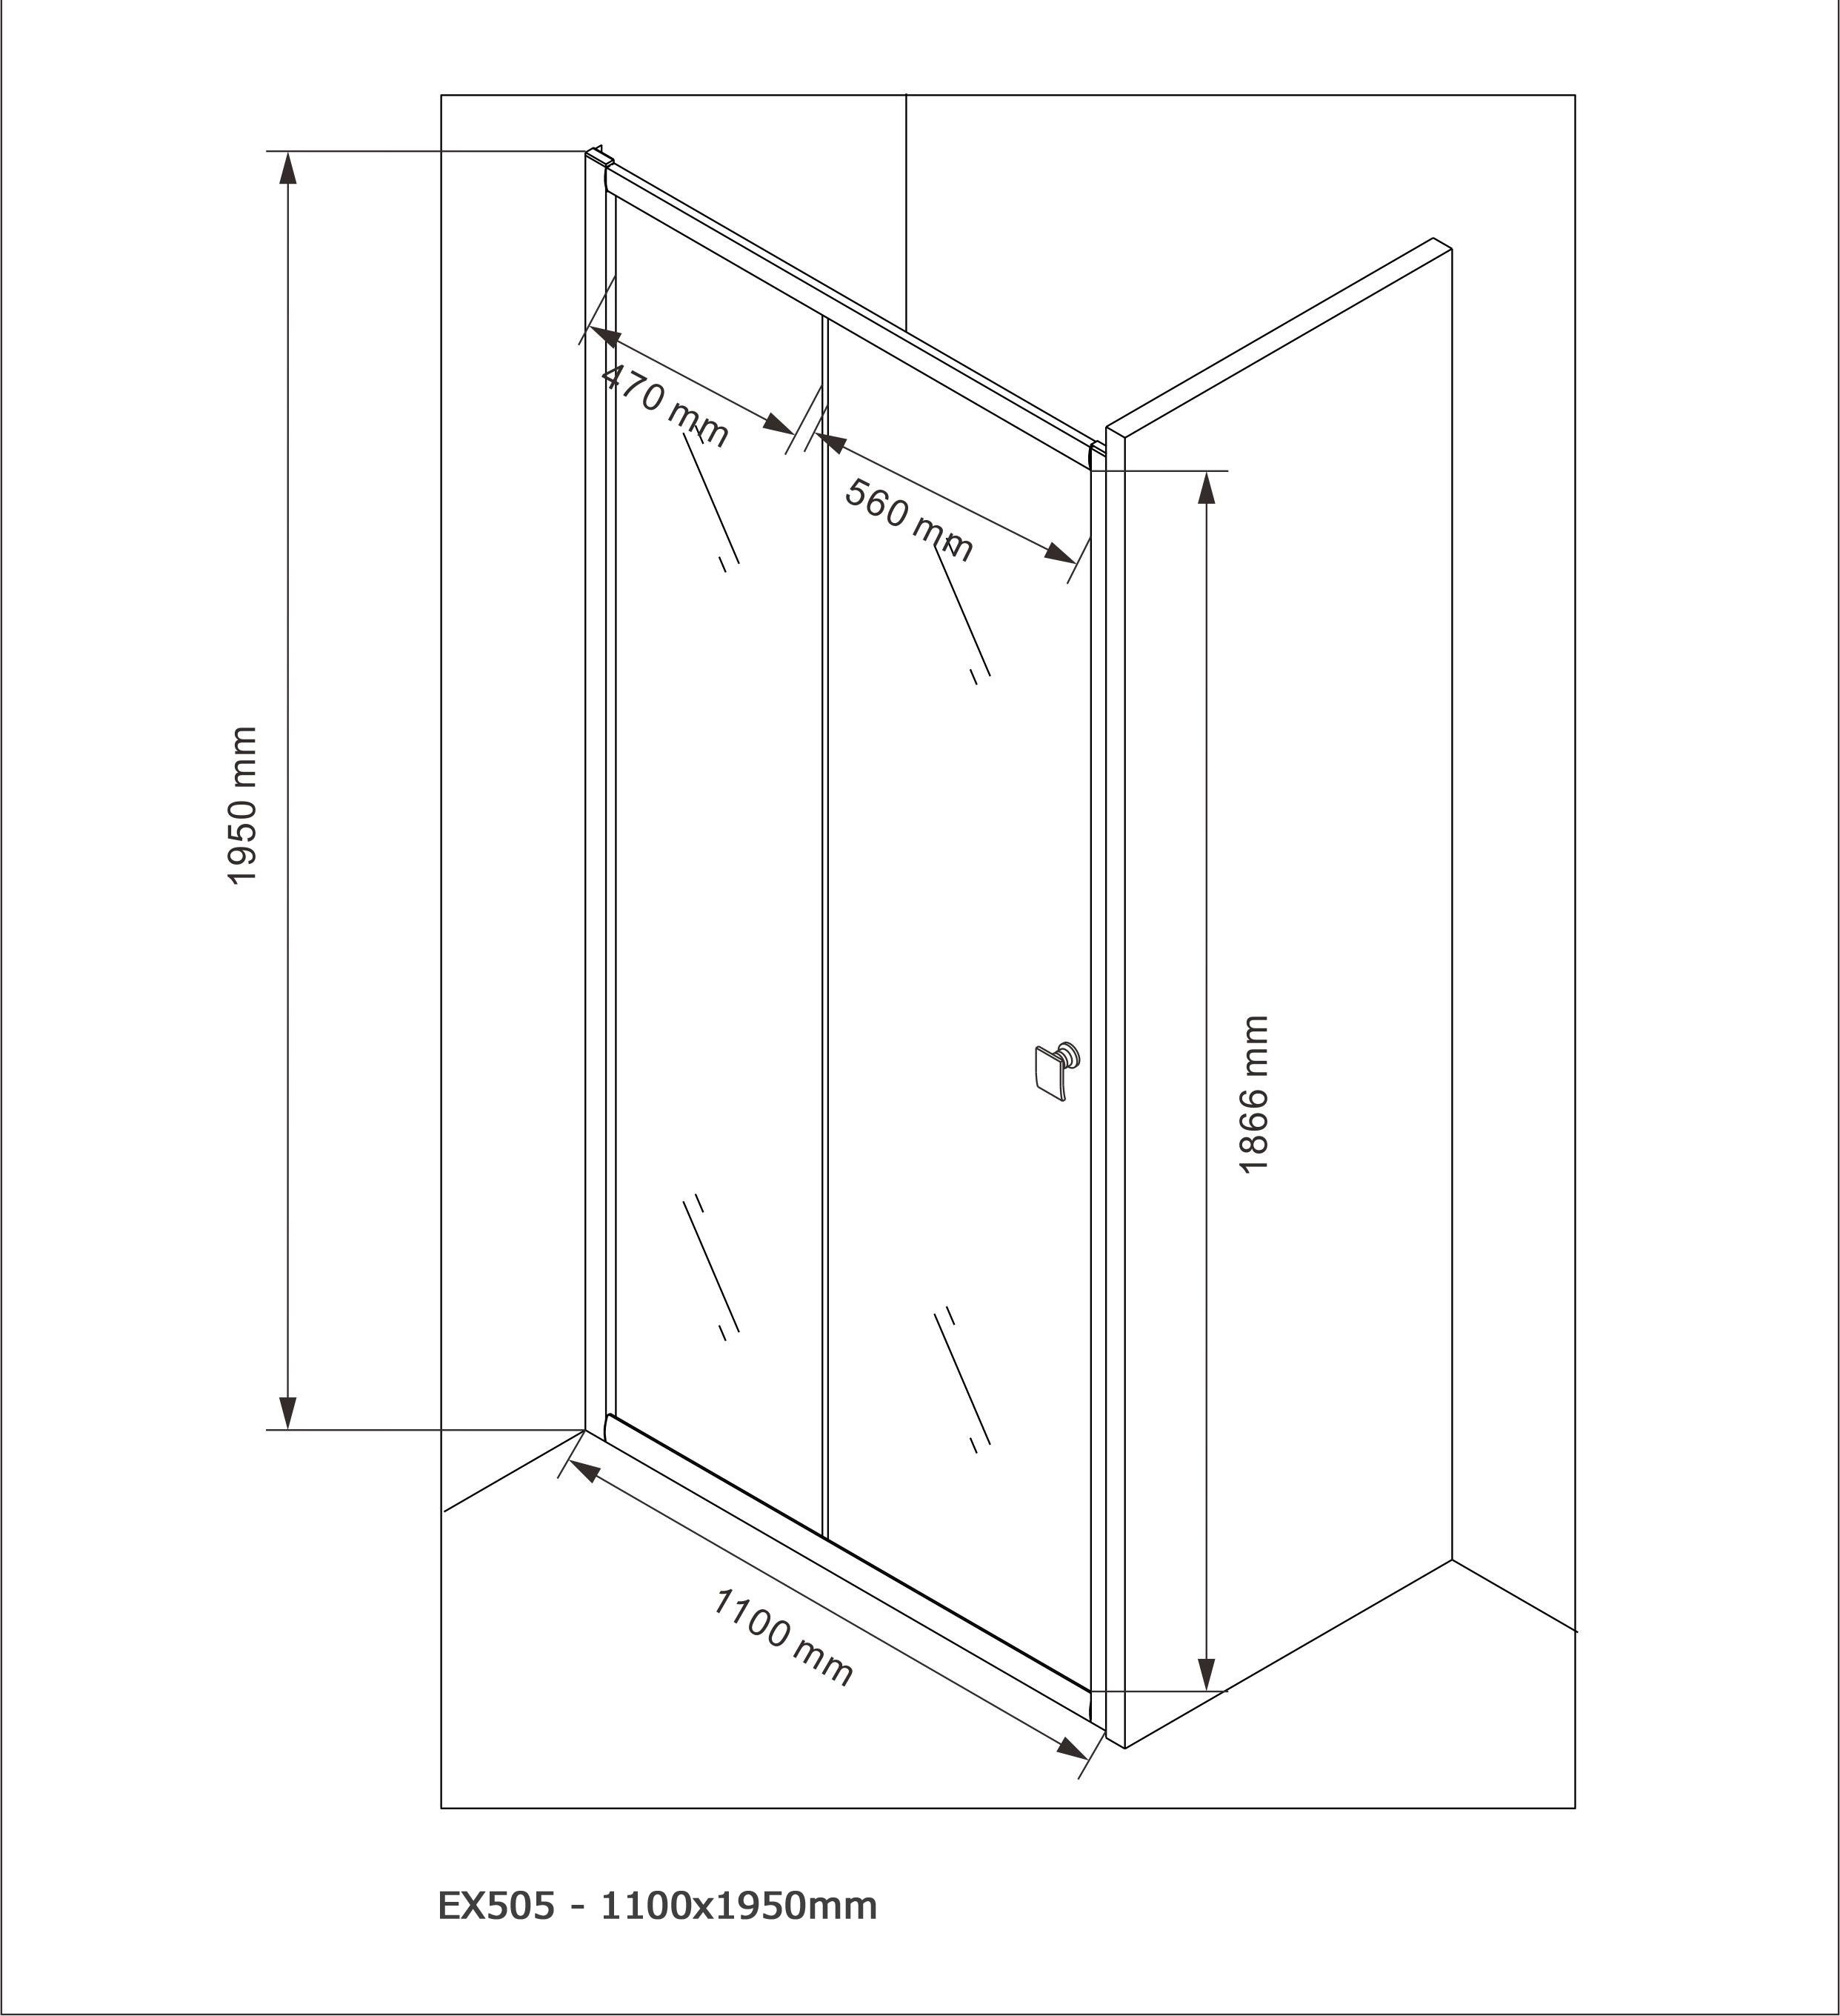 Door shower panel EX505 - 110x195cm - Drawing